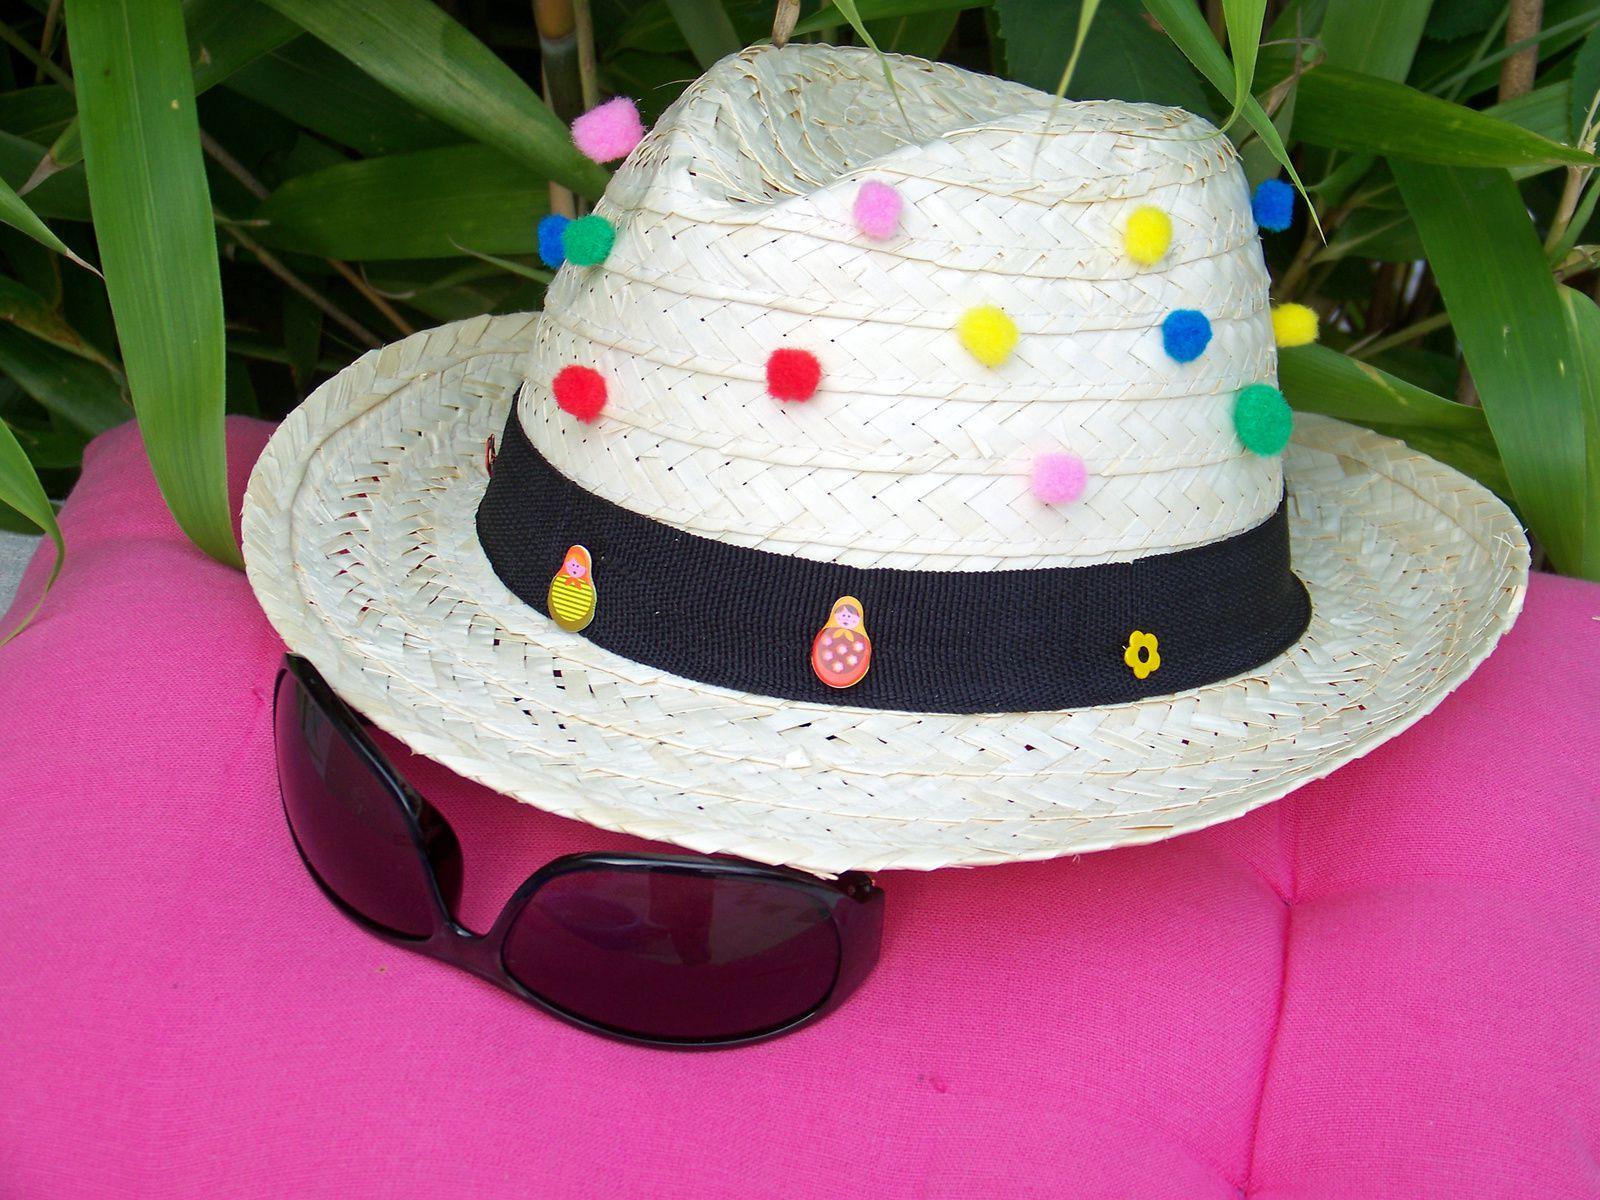 C'est le pompon ce chapeau hihi !!